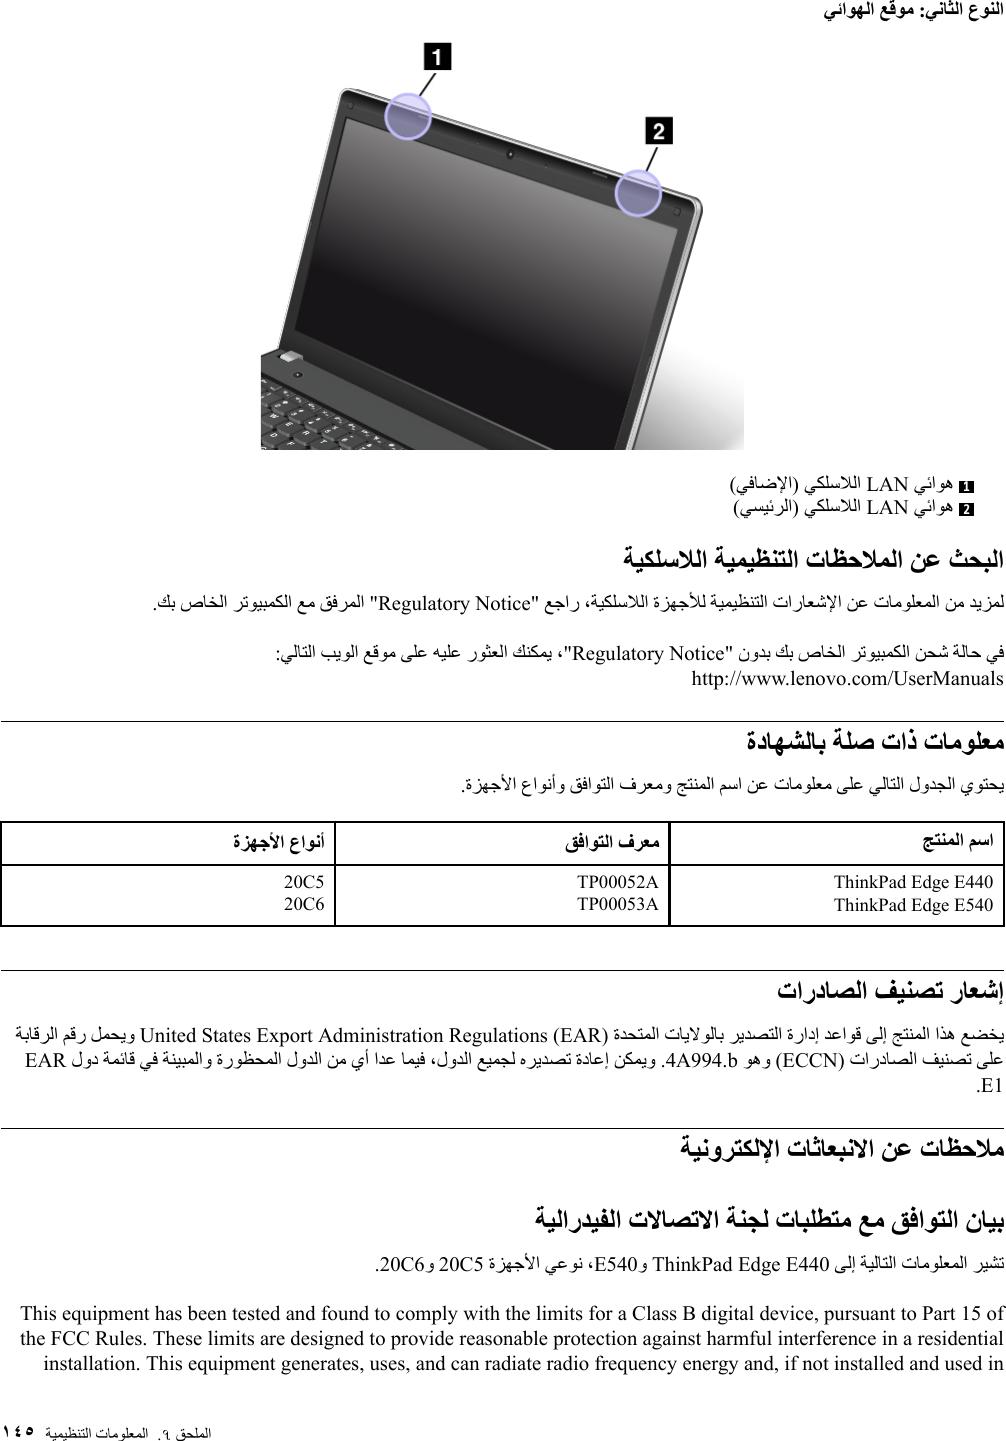 Lenovo E440 E540 Ug Ar User Manual (Arabic) Guide Think Pad